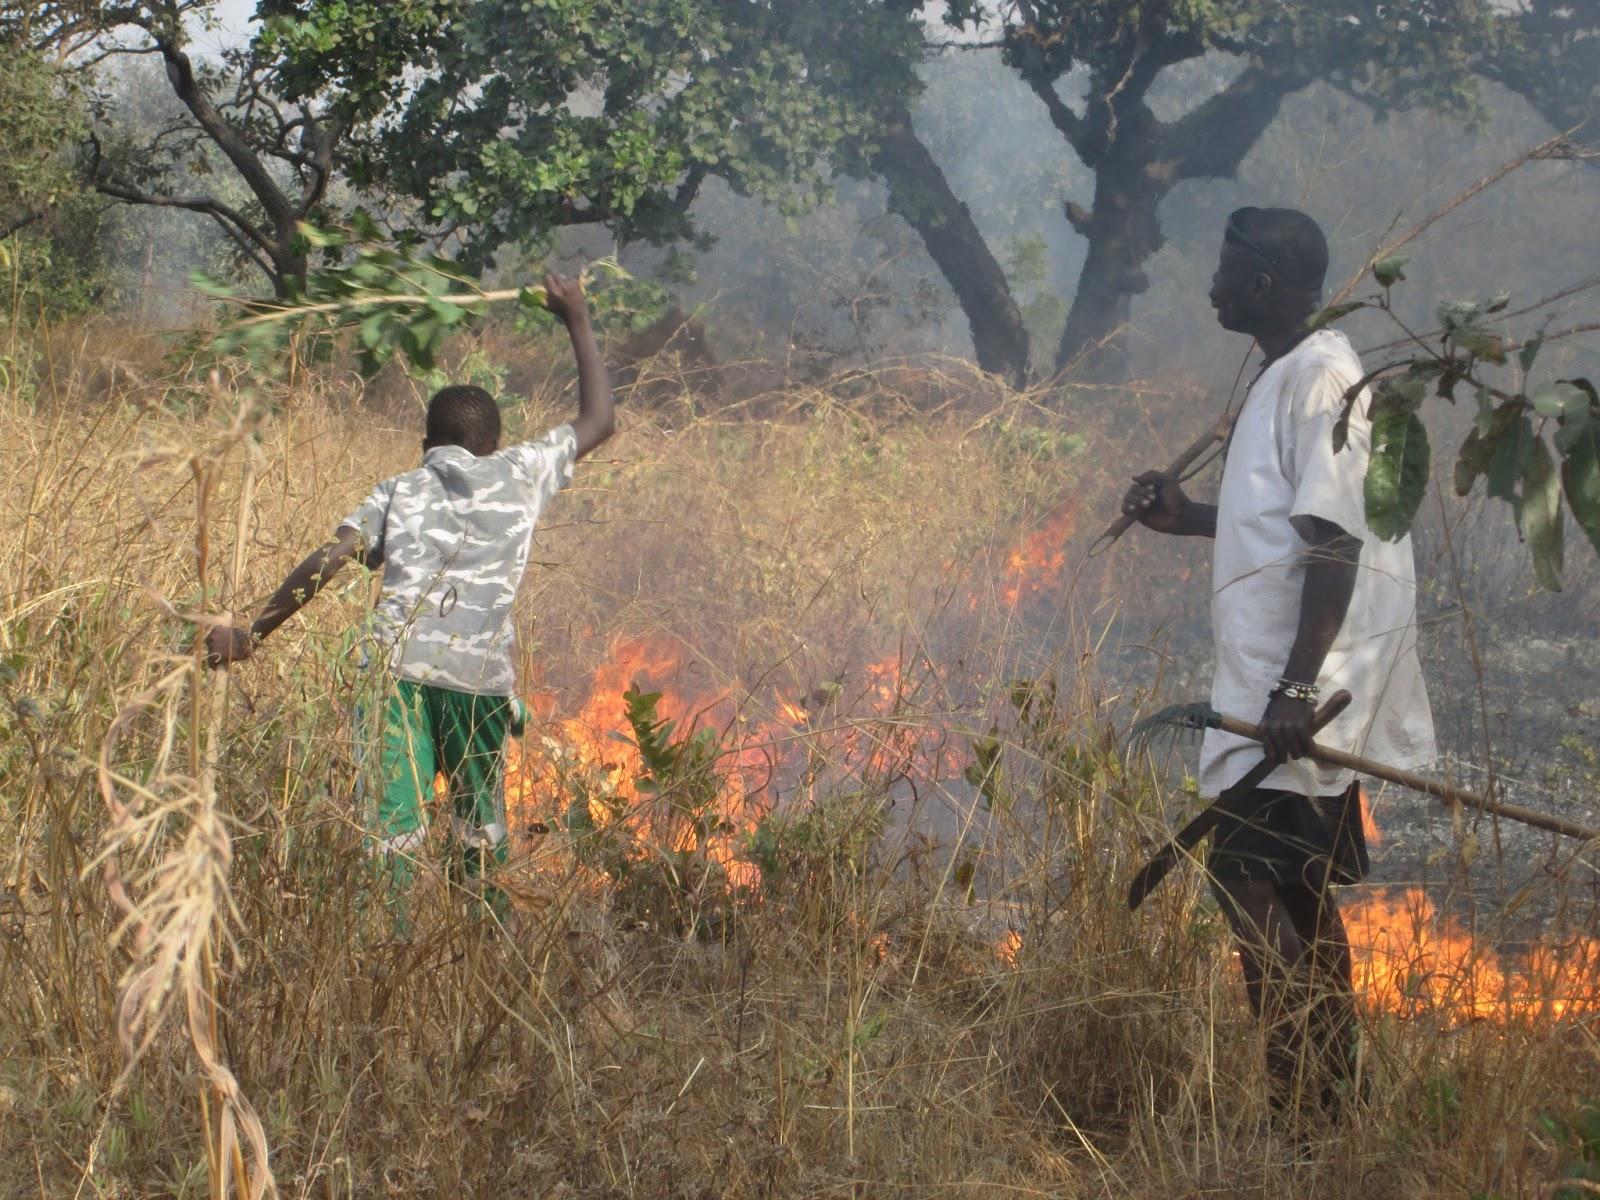 Feux de brousse : Une superficie totale de 5249 ha affectée dans les régions de Louga, Saint-Louis et Matam.